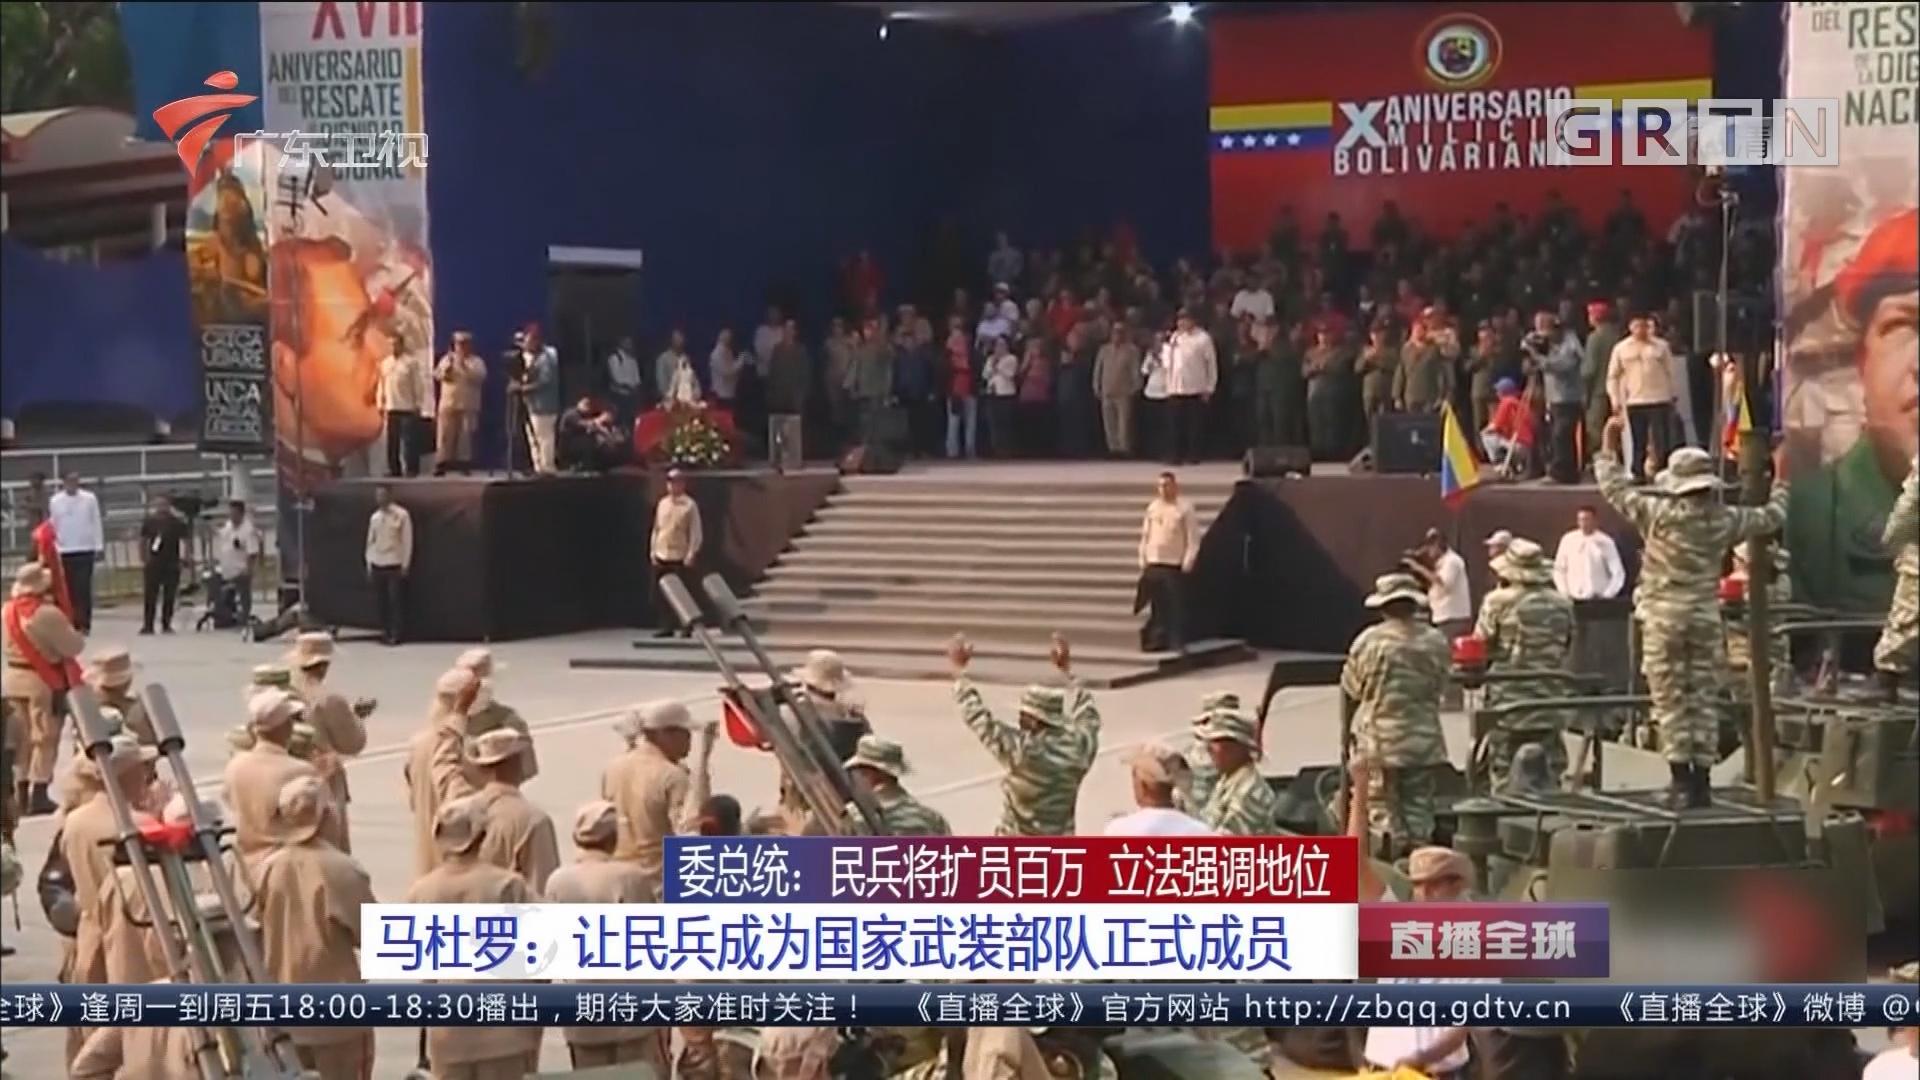 委总统:民兵将扩员百万 立法强调地位 马杜罗:让民兵成为国家武装部队正式成员